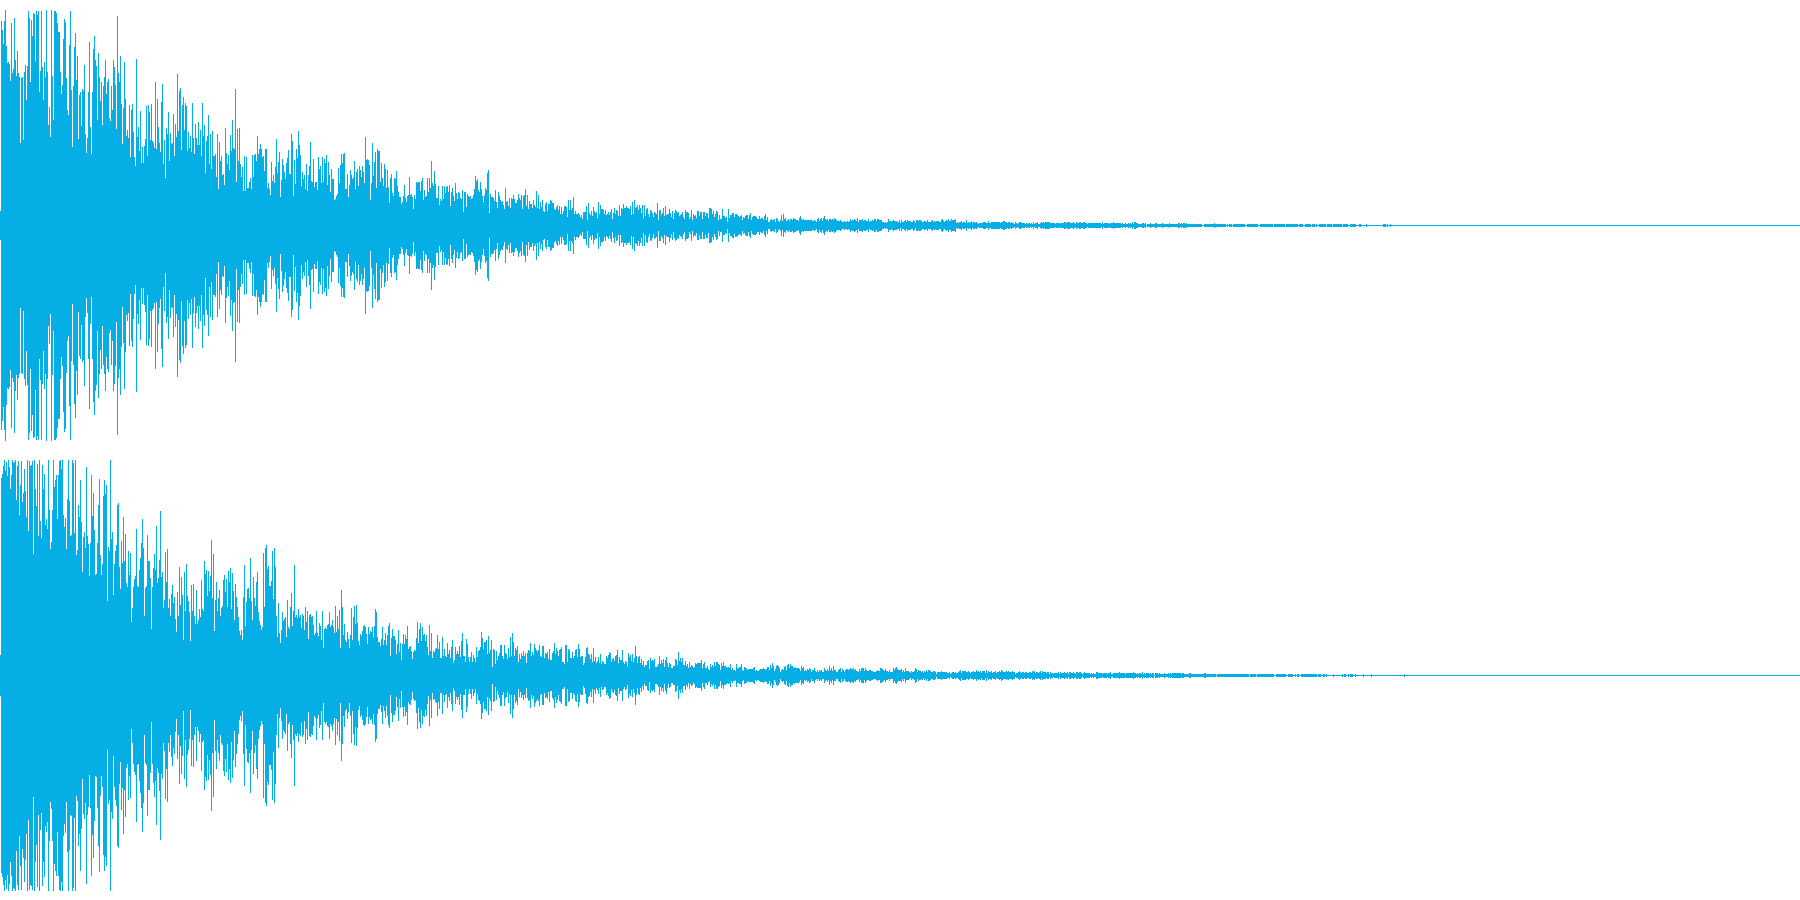 テレレン↓ クリアな響きのボタン音の再生済みの波形